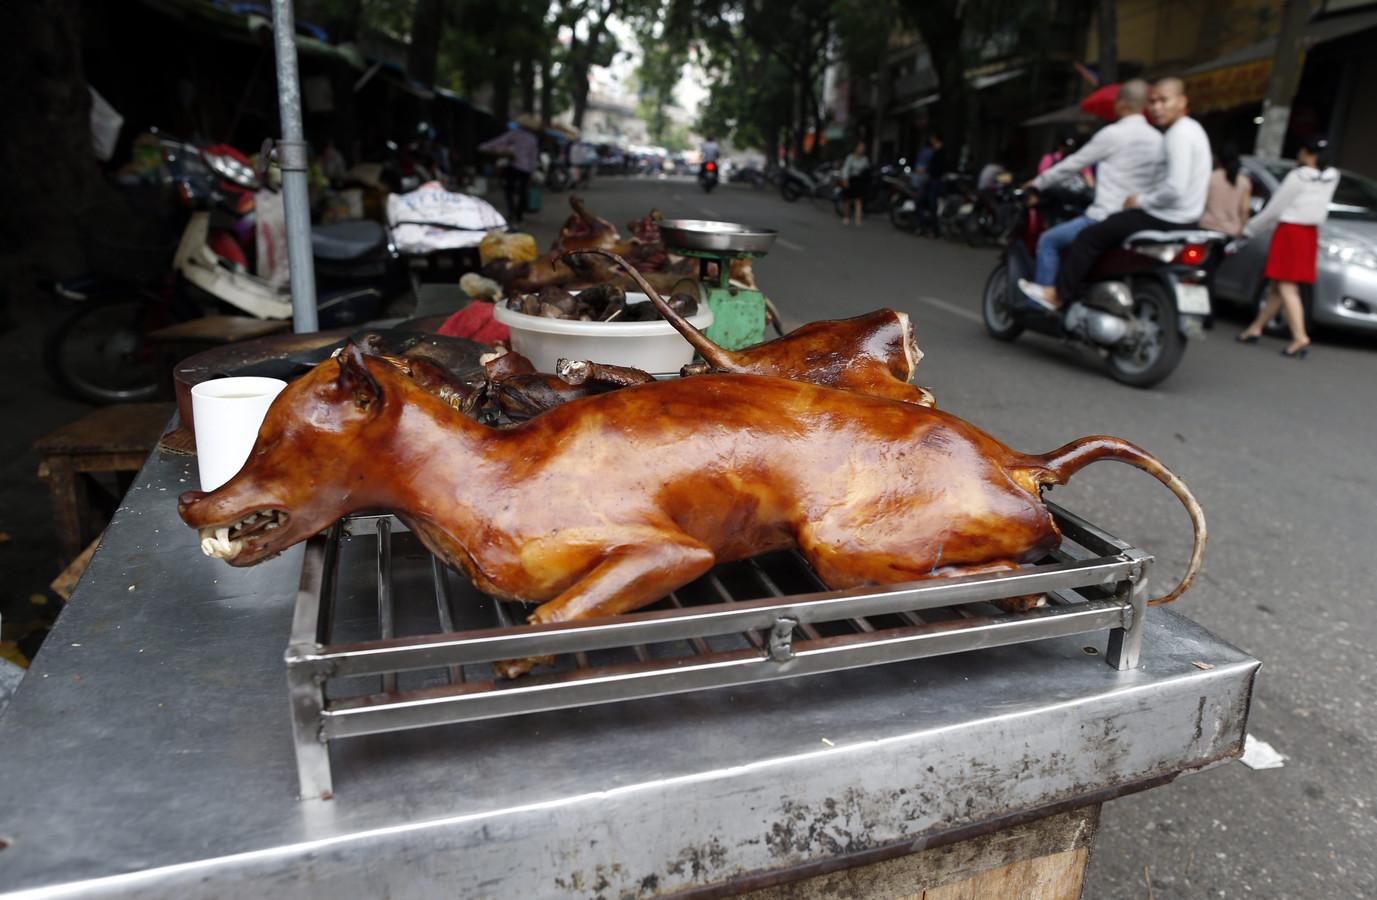 Viande de chien grillée proposée dans une rue de Hanoï (archives, septembre 2012)